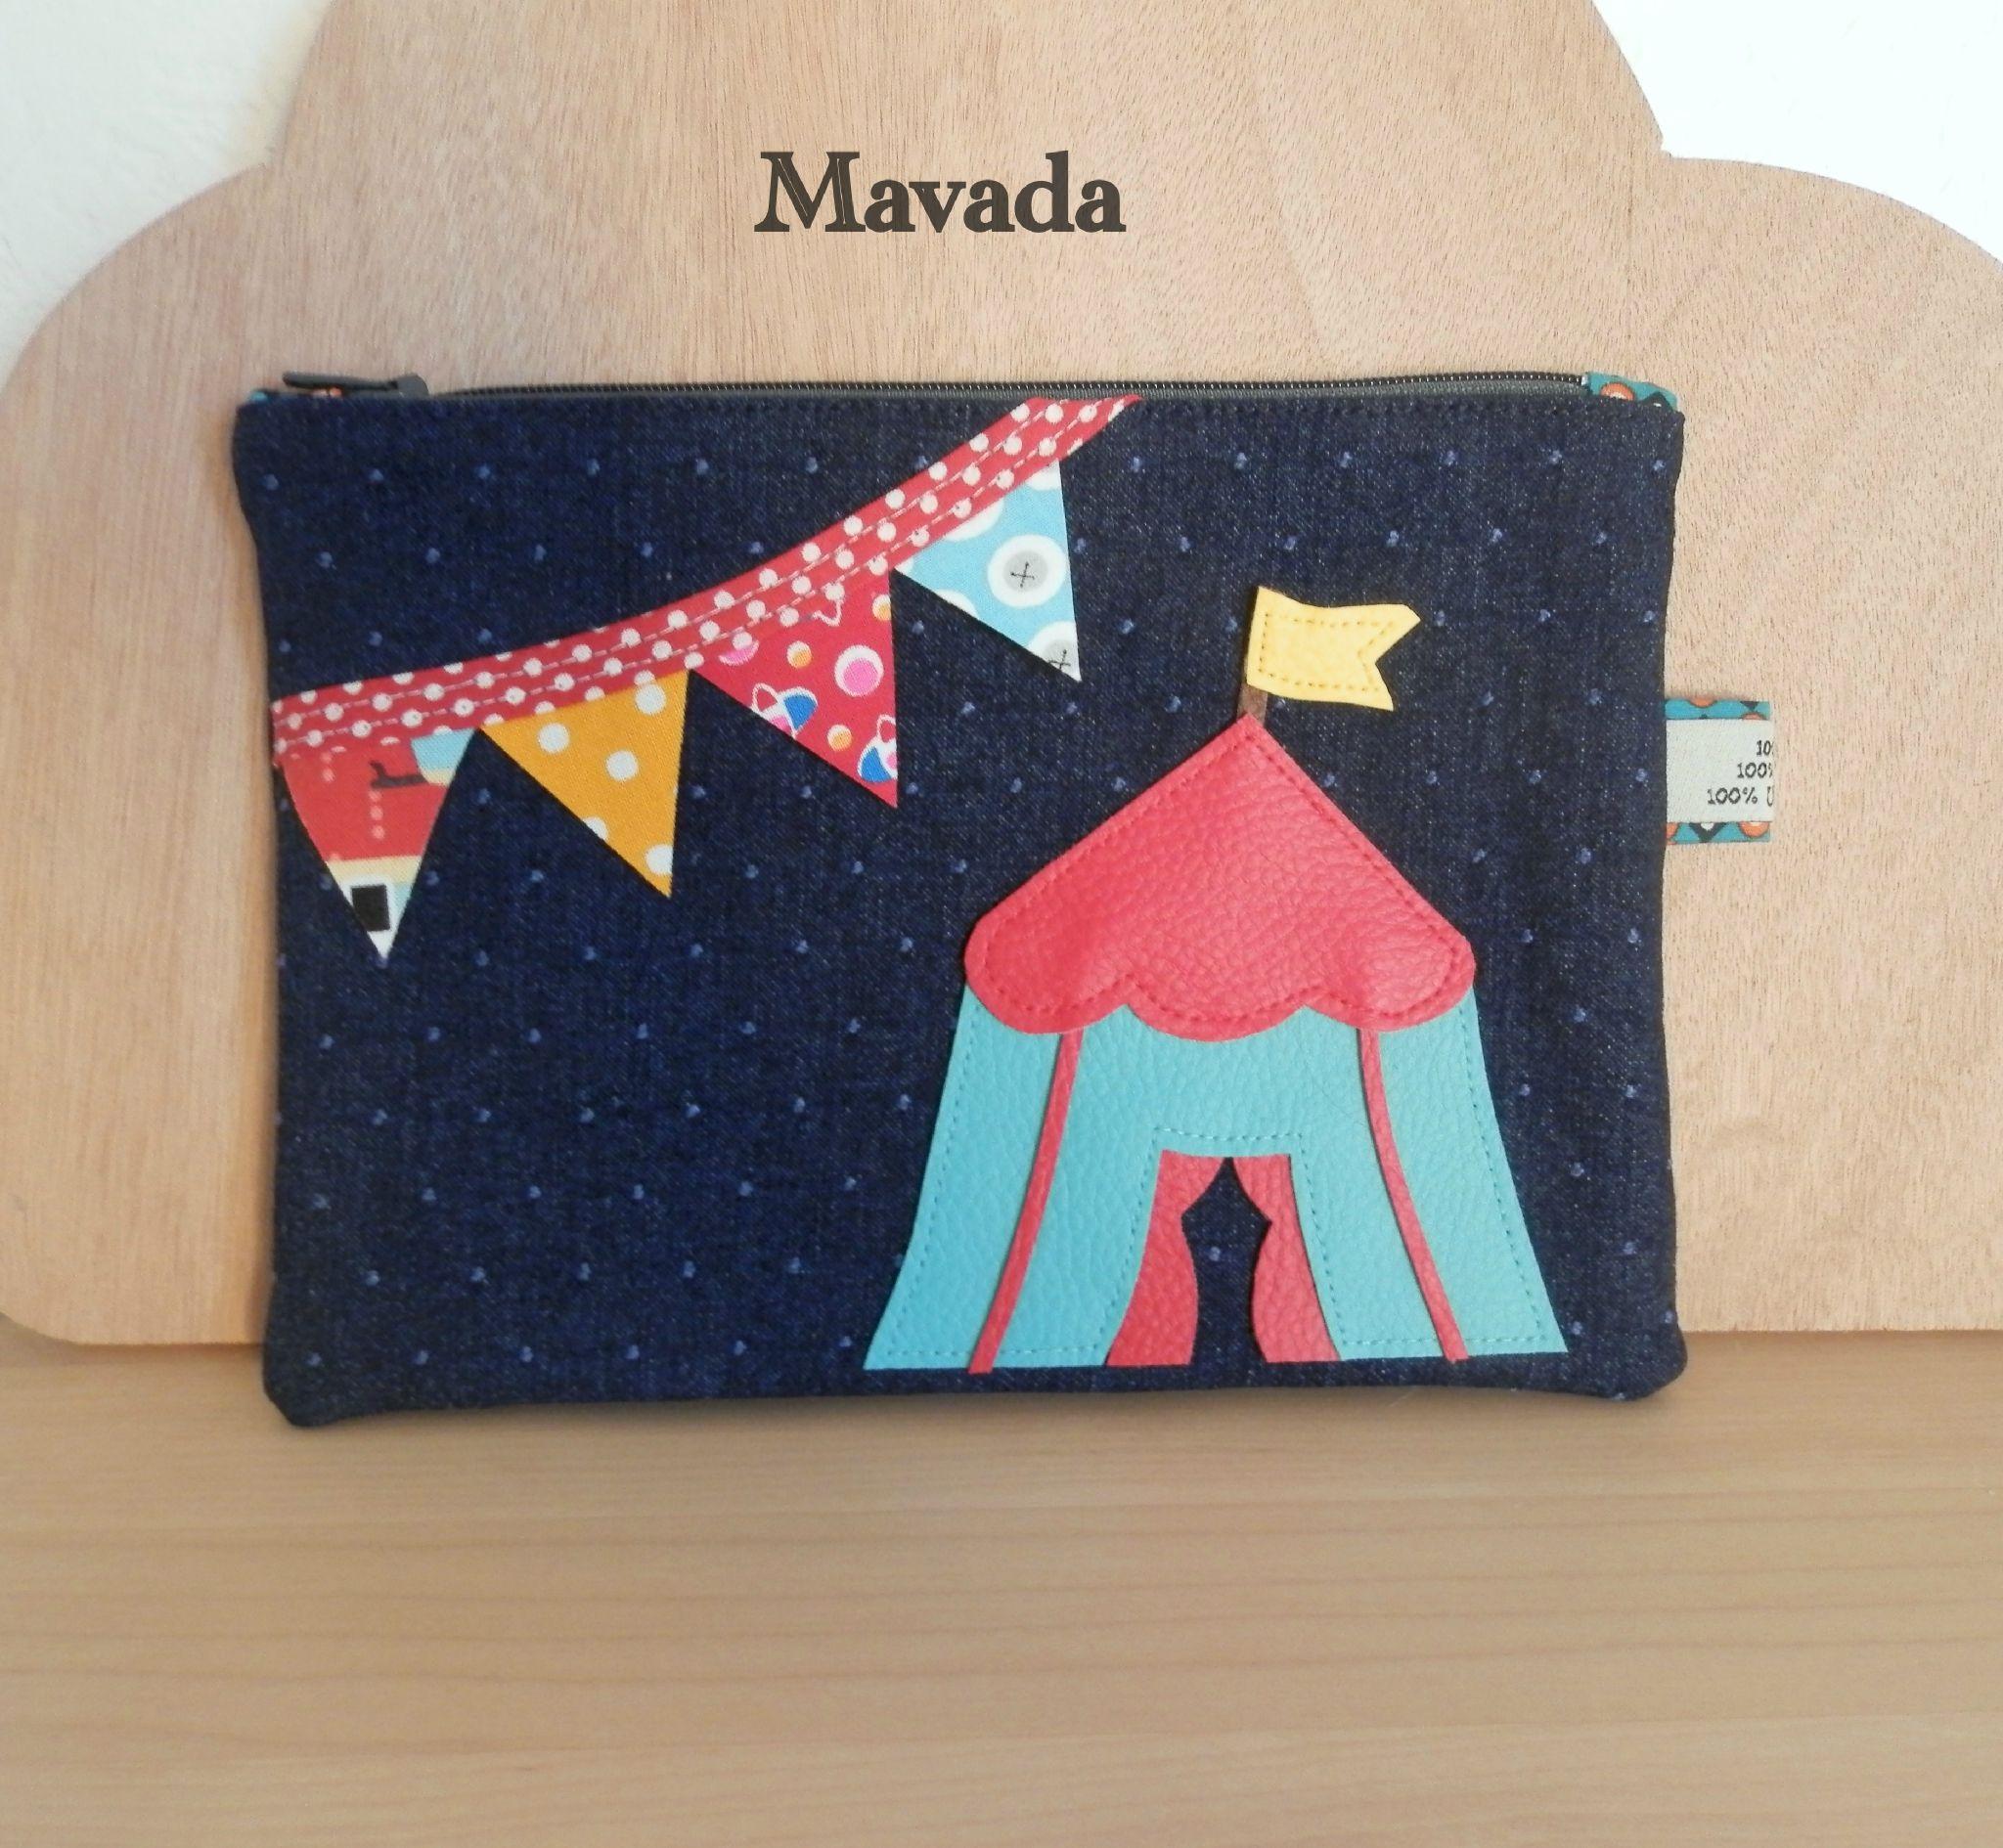 La boutique en ligne - La petite cabane de Mavada | Petite cabane, Boutique en ligne et Cabane